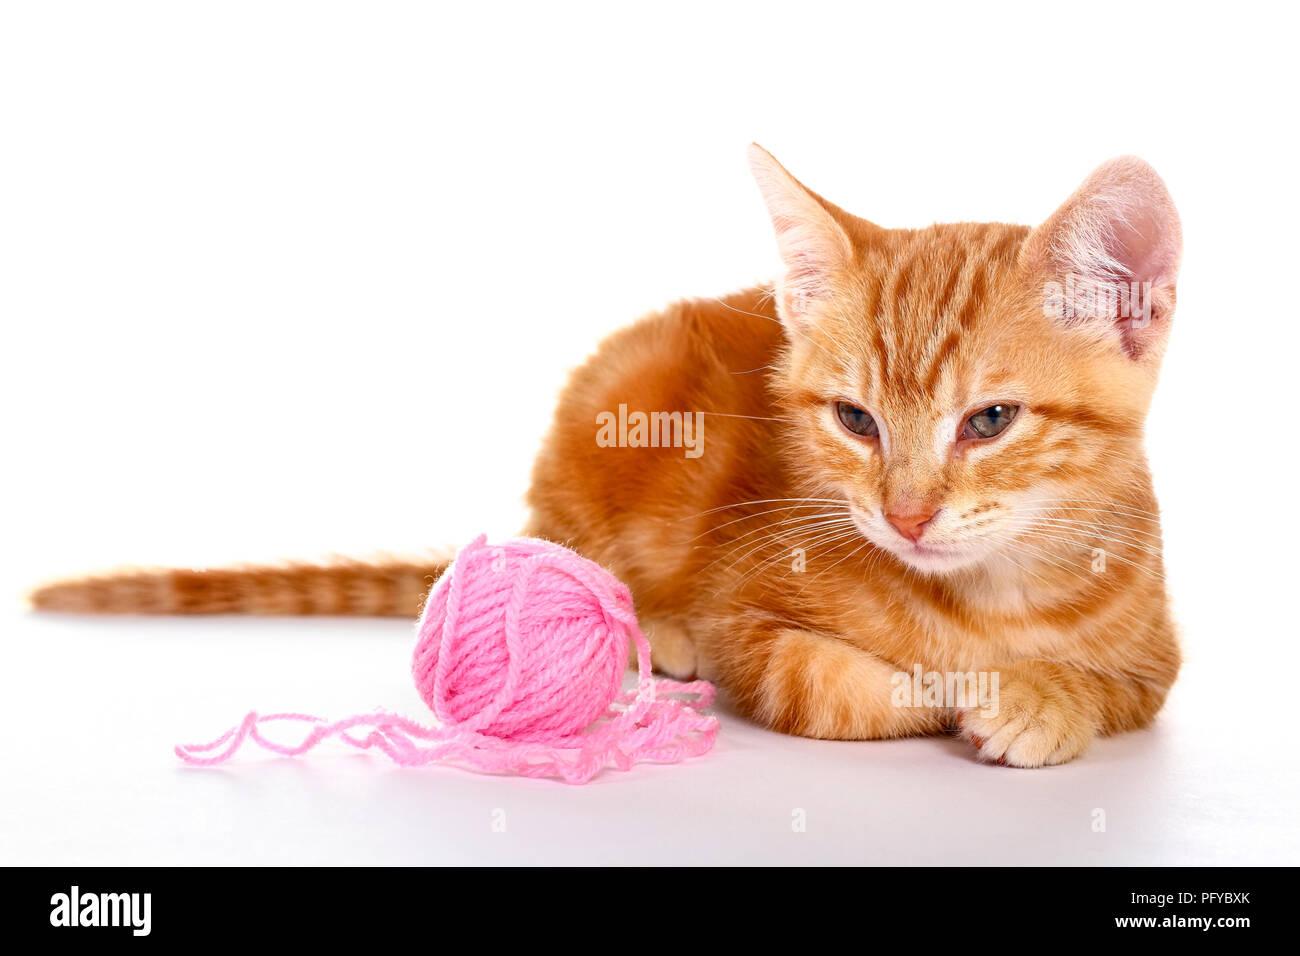 Le gingembre mackerel tabby kitten isolé sur un fond blanc jouant avec une balle de laine rose Banque D'Images